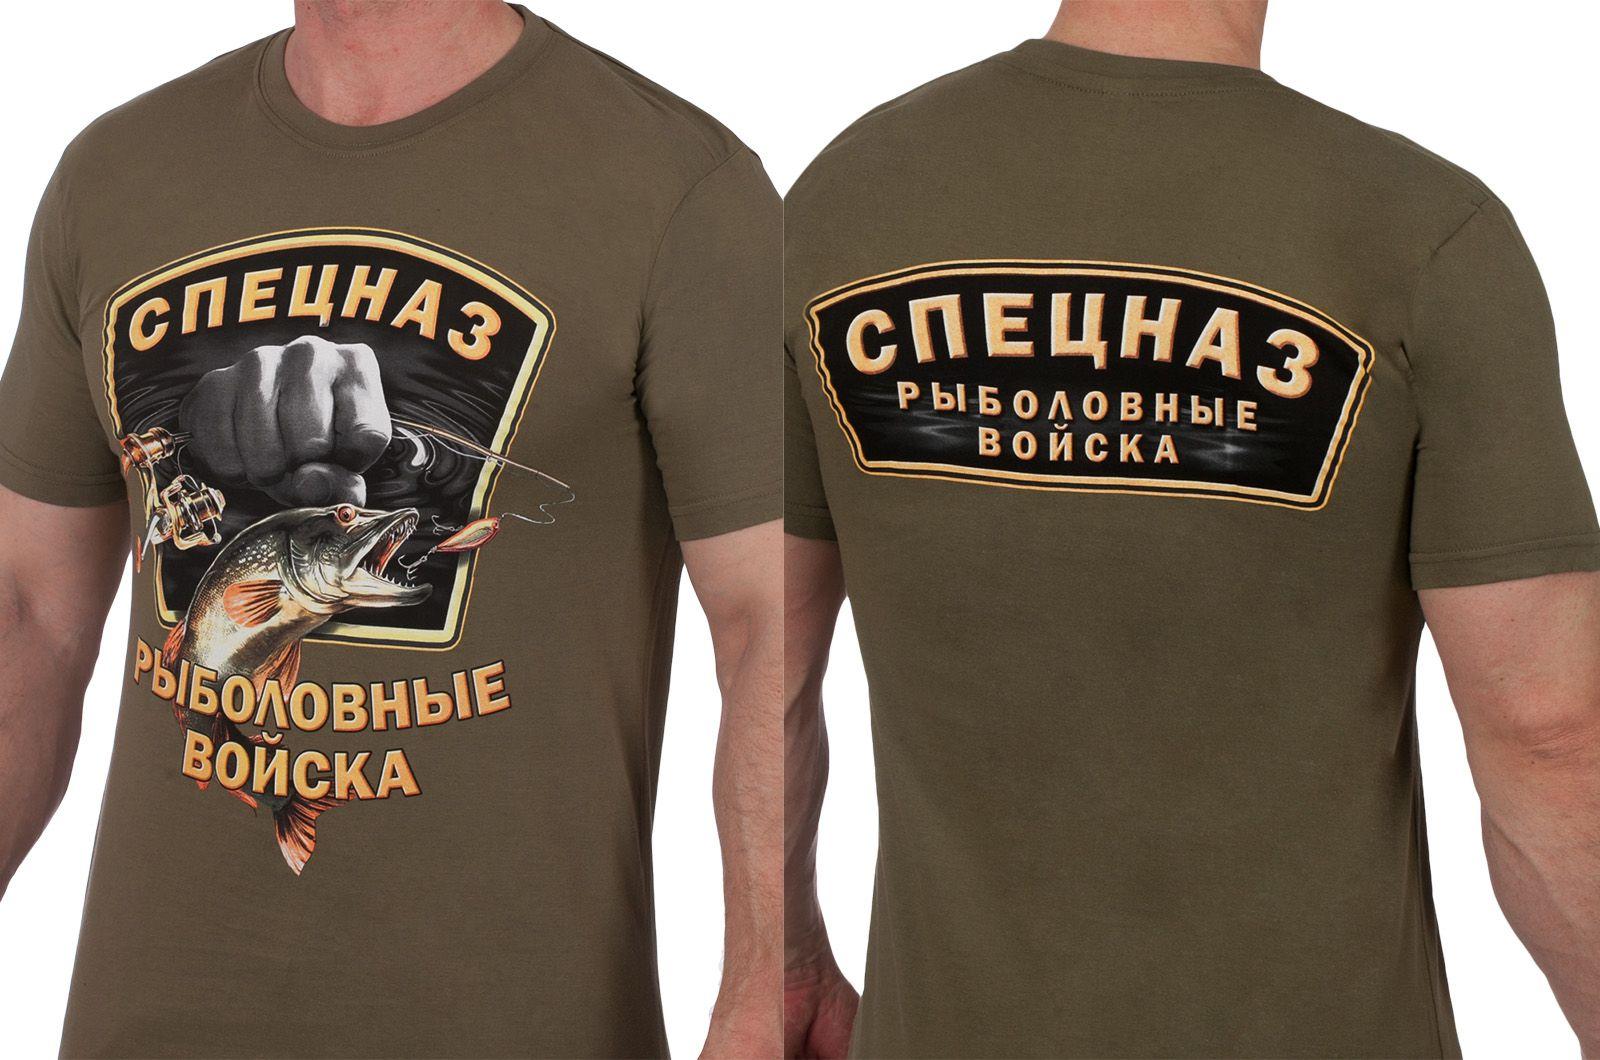 Заказать футболку лучшему рыбаку